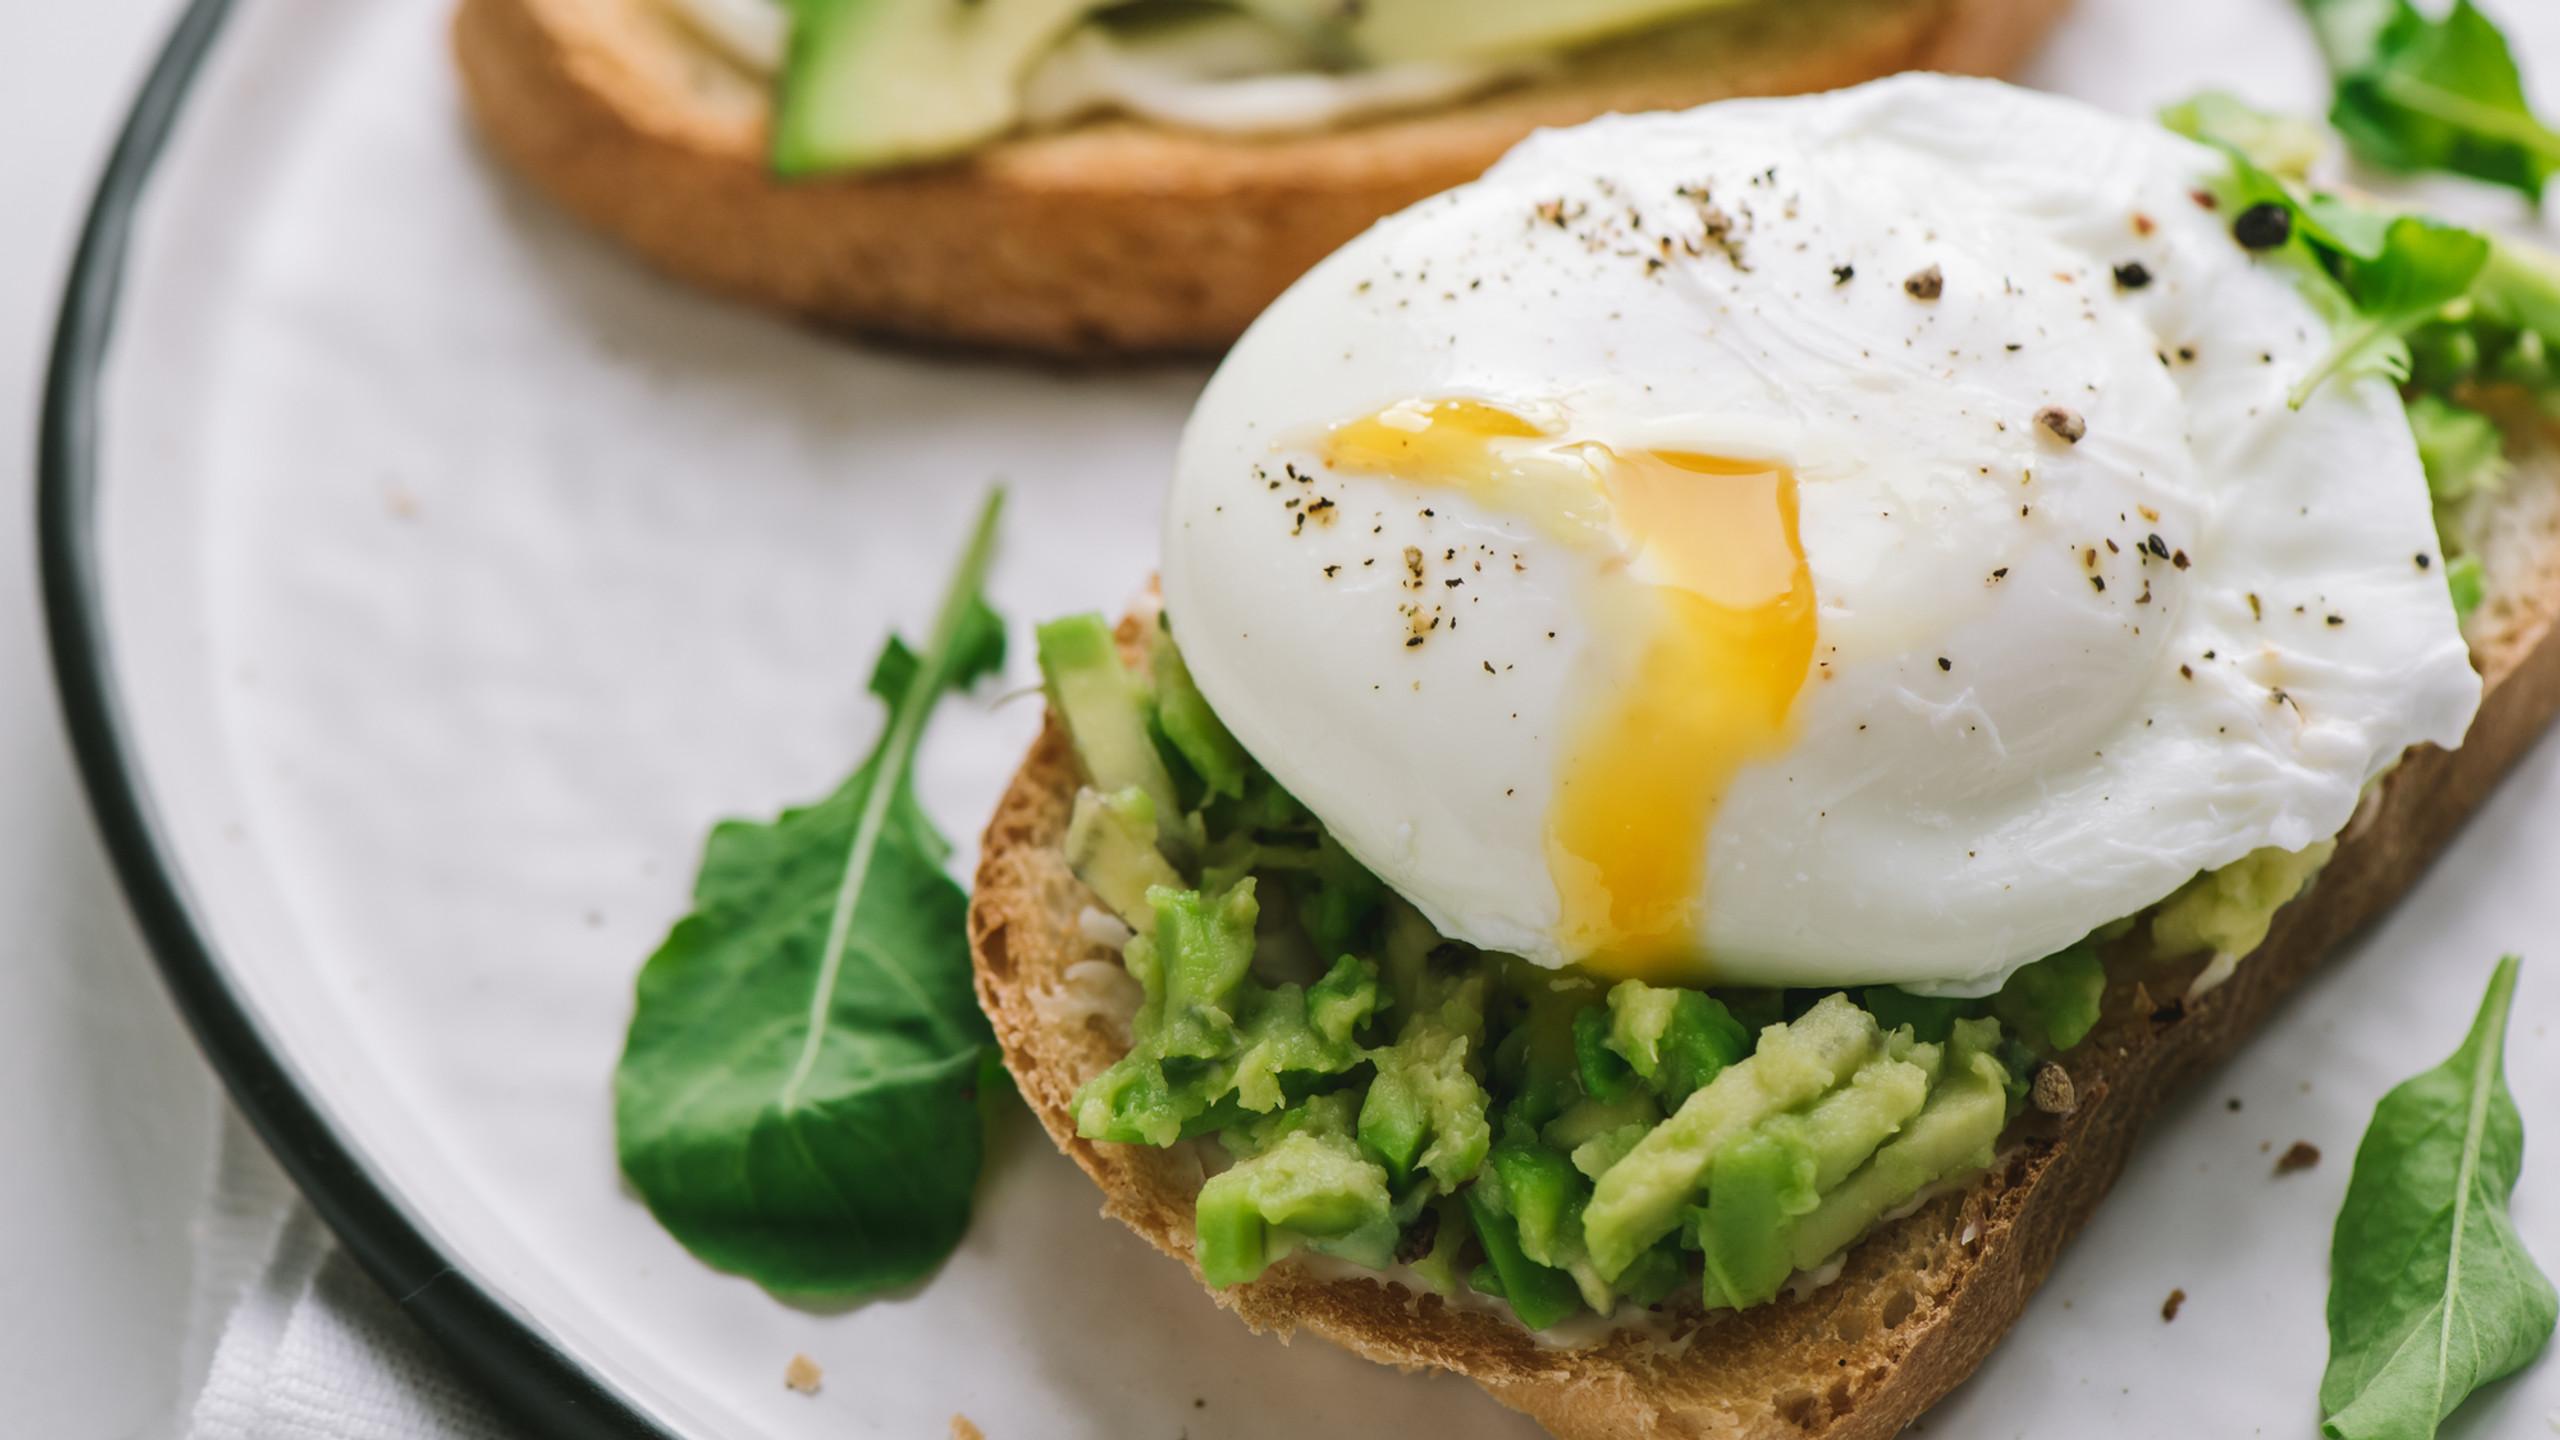 Egg & avo on sourdough toast